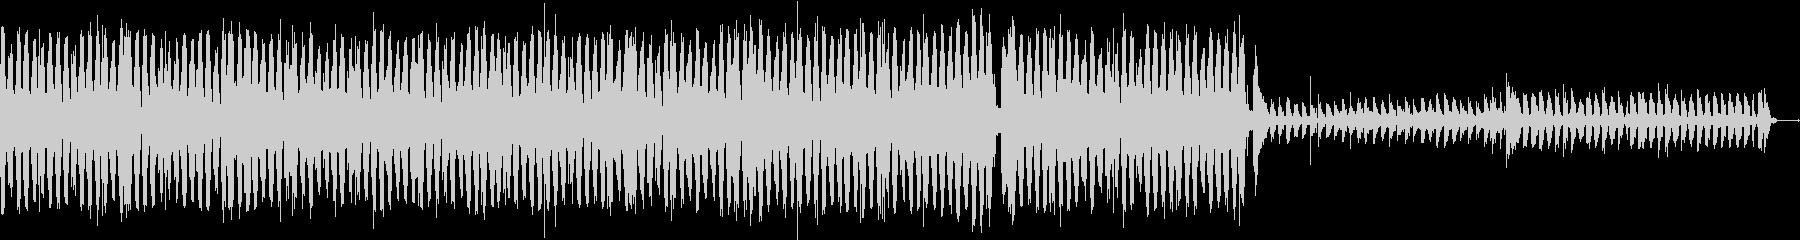 ビートの聴いたクールなリズムトラックの未再生の波形